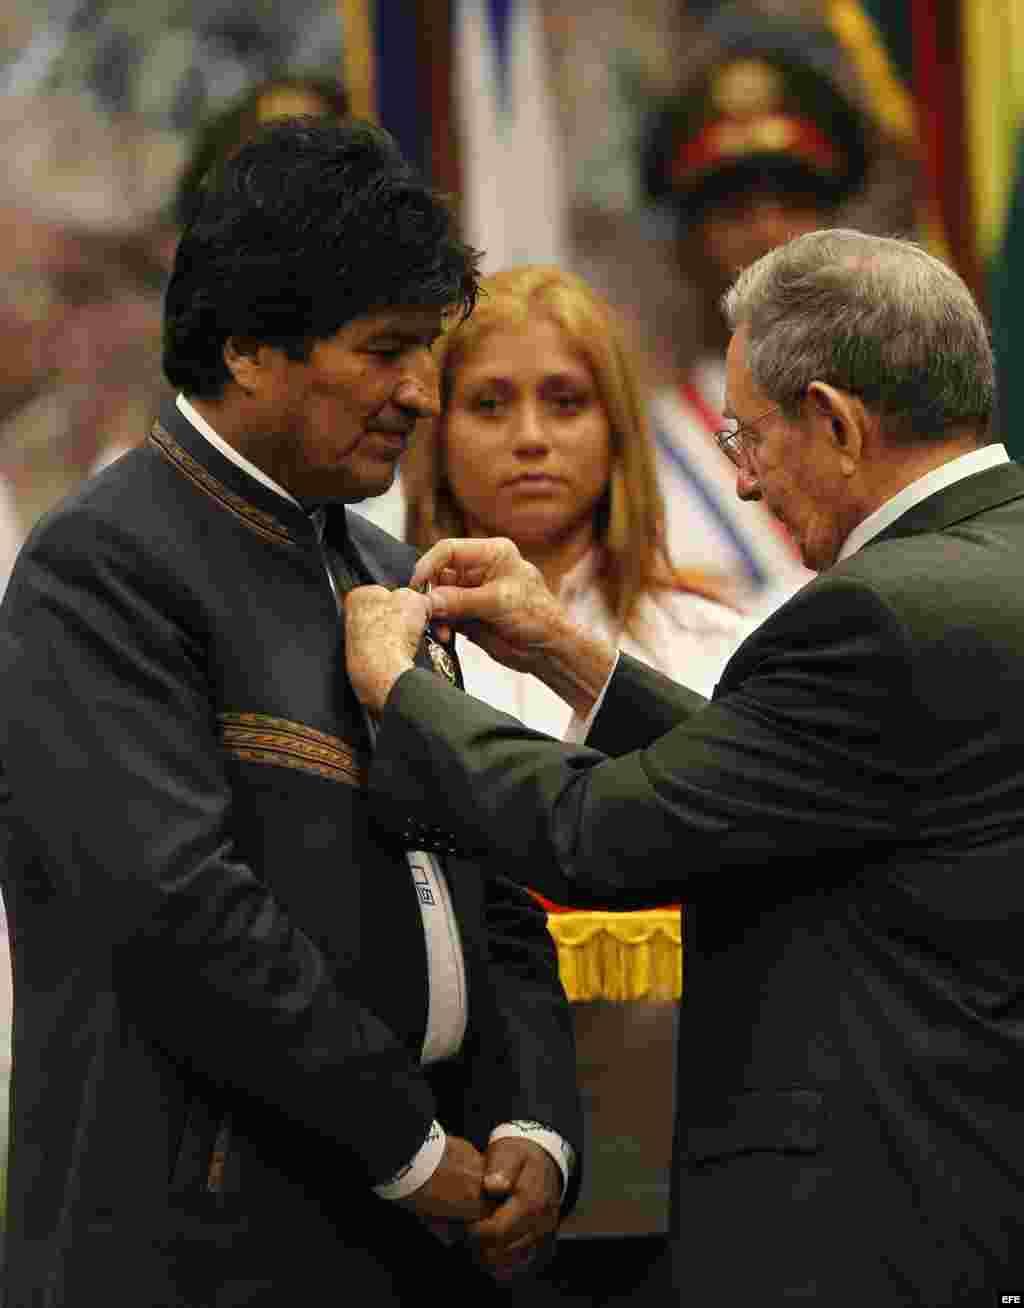 Raúl Castro condecoró a Evo Morales con la orden José Martí, la más alta distinción que otorga el Gobierno cubano.